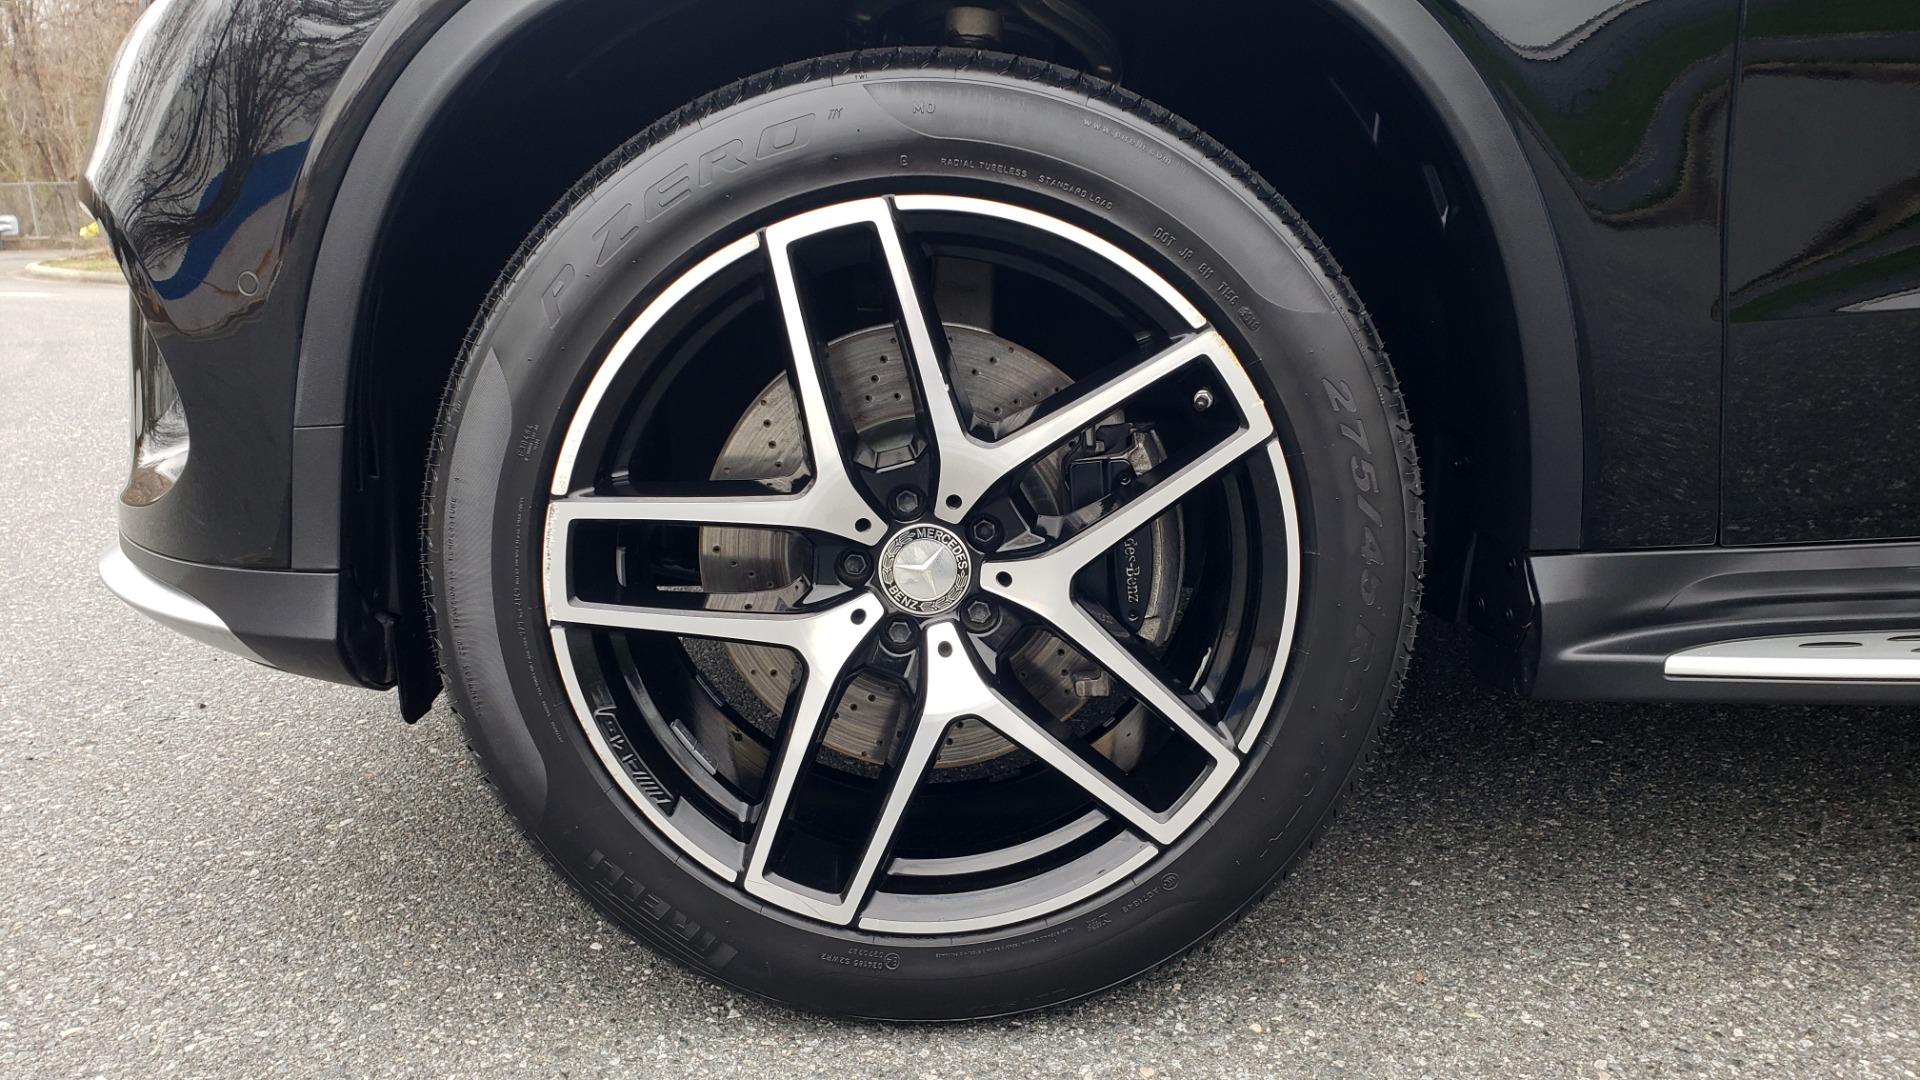 Used 2016 Mercedes-Benz GLE 450 AMG / AWD / PREM PKG / PARK ASST / DRVR ASST / SUNROOF for sale Sold at Formula Imports in Charlotte NC 28227 86